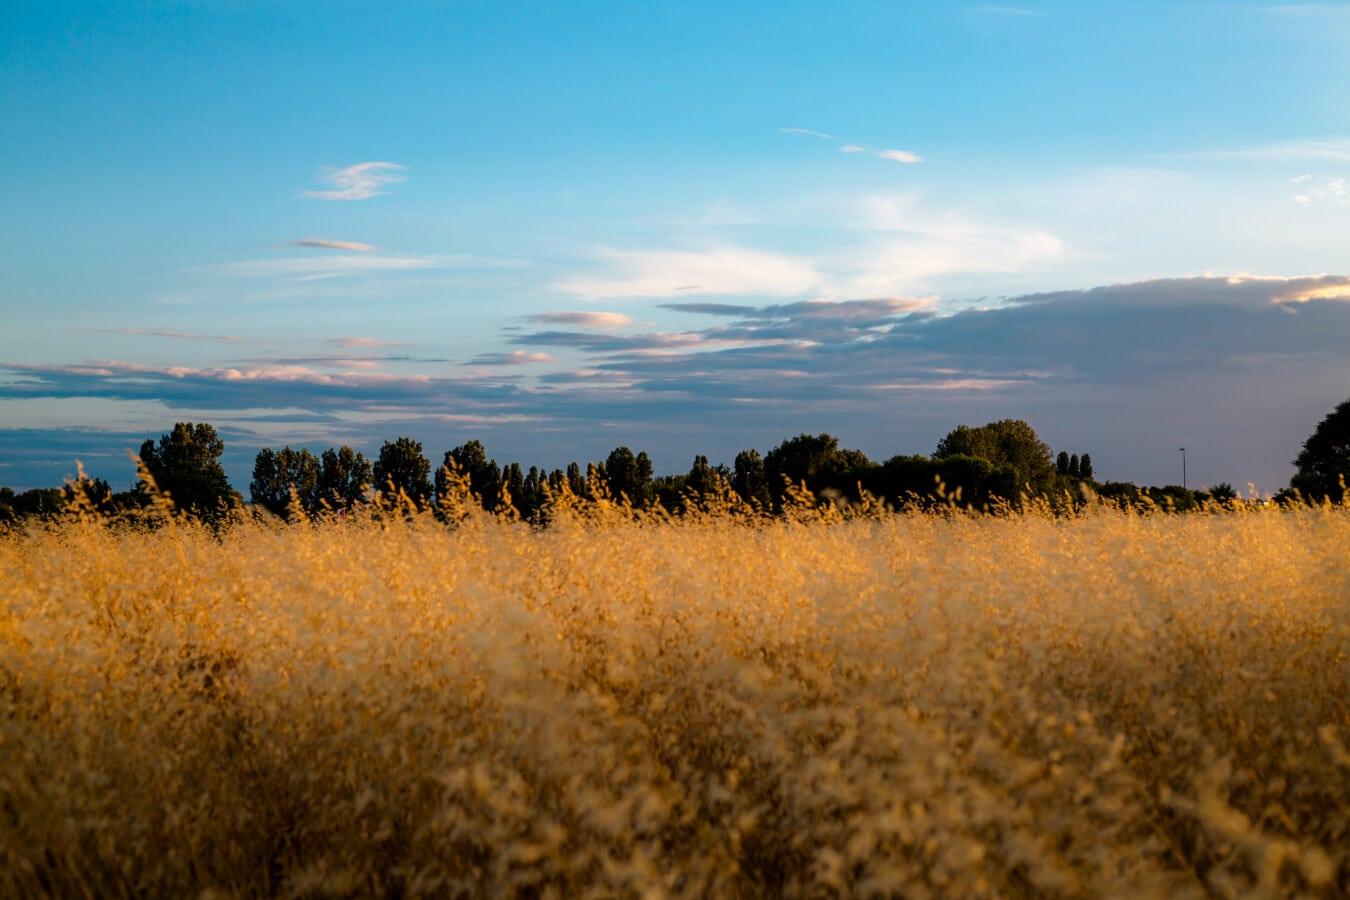 Gras, Trockenzeit, grasbewachsenen, Graspflanzen, trocken, Tierwelt, Atmosphäre, Landschaft, Dämmerung, Natur